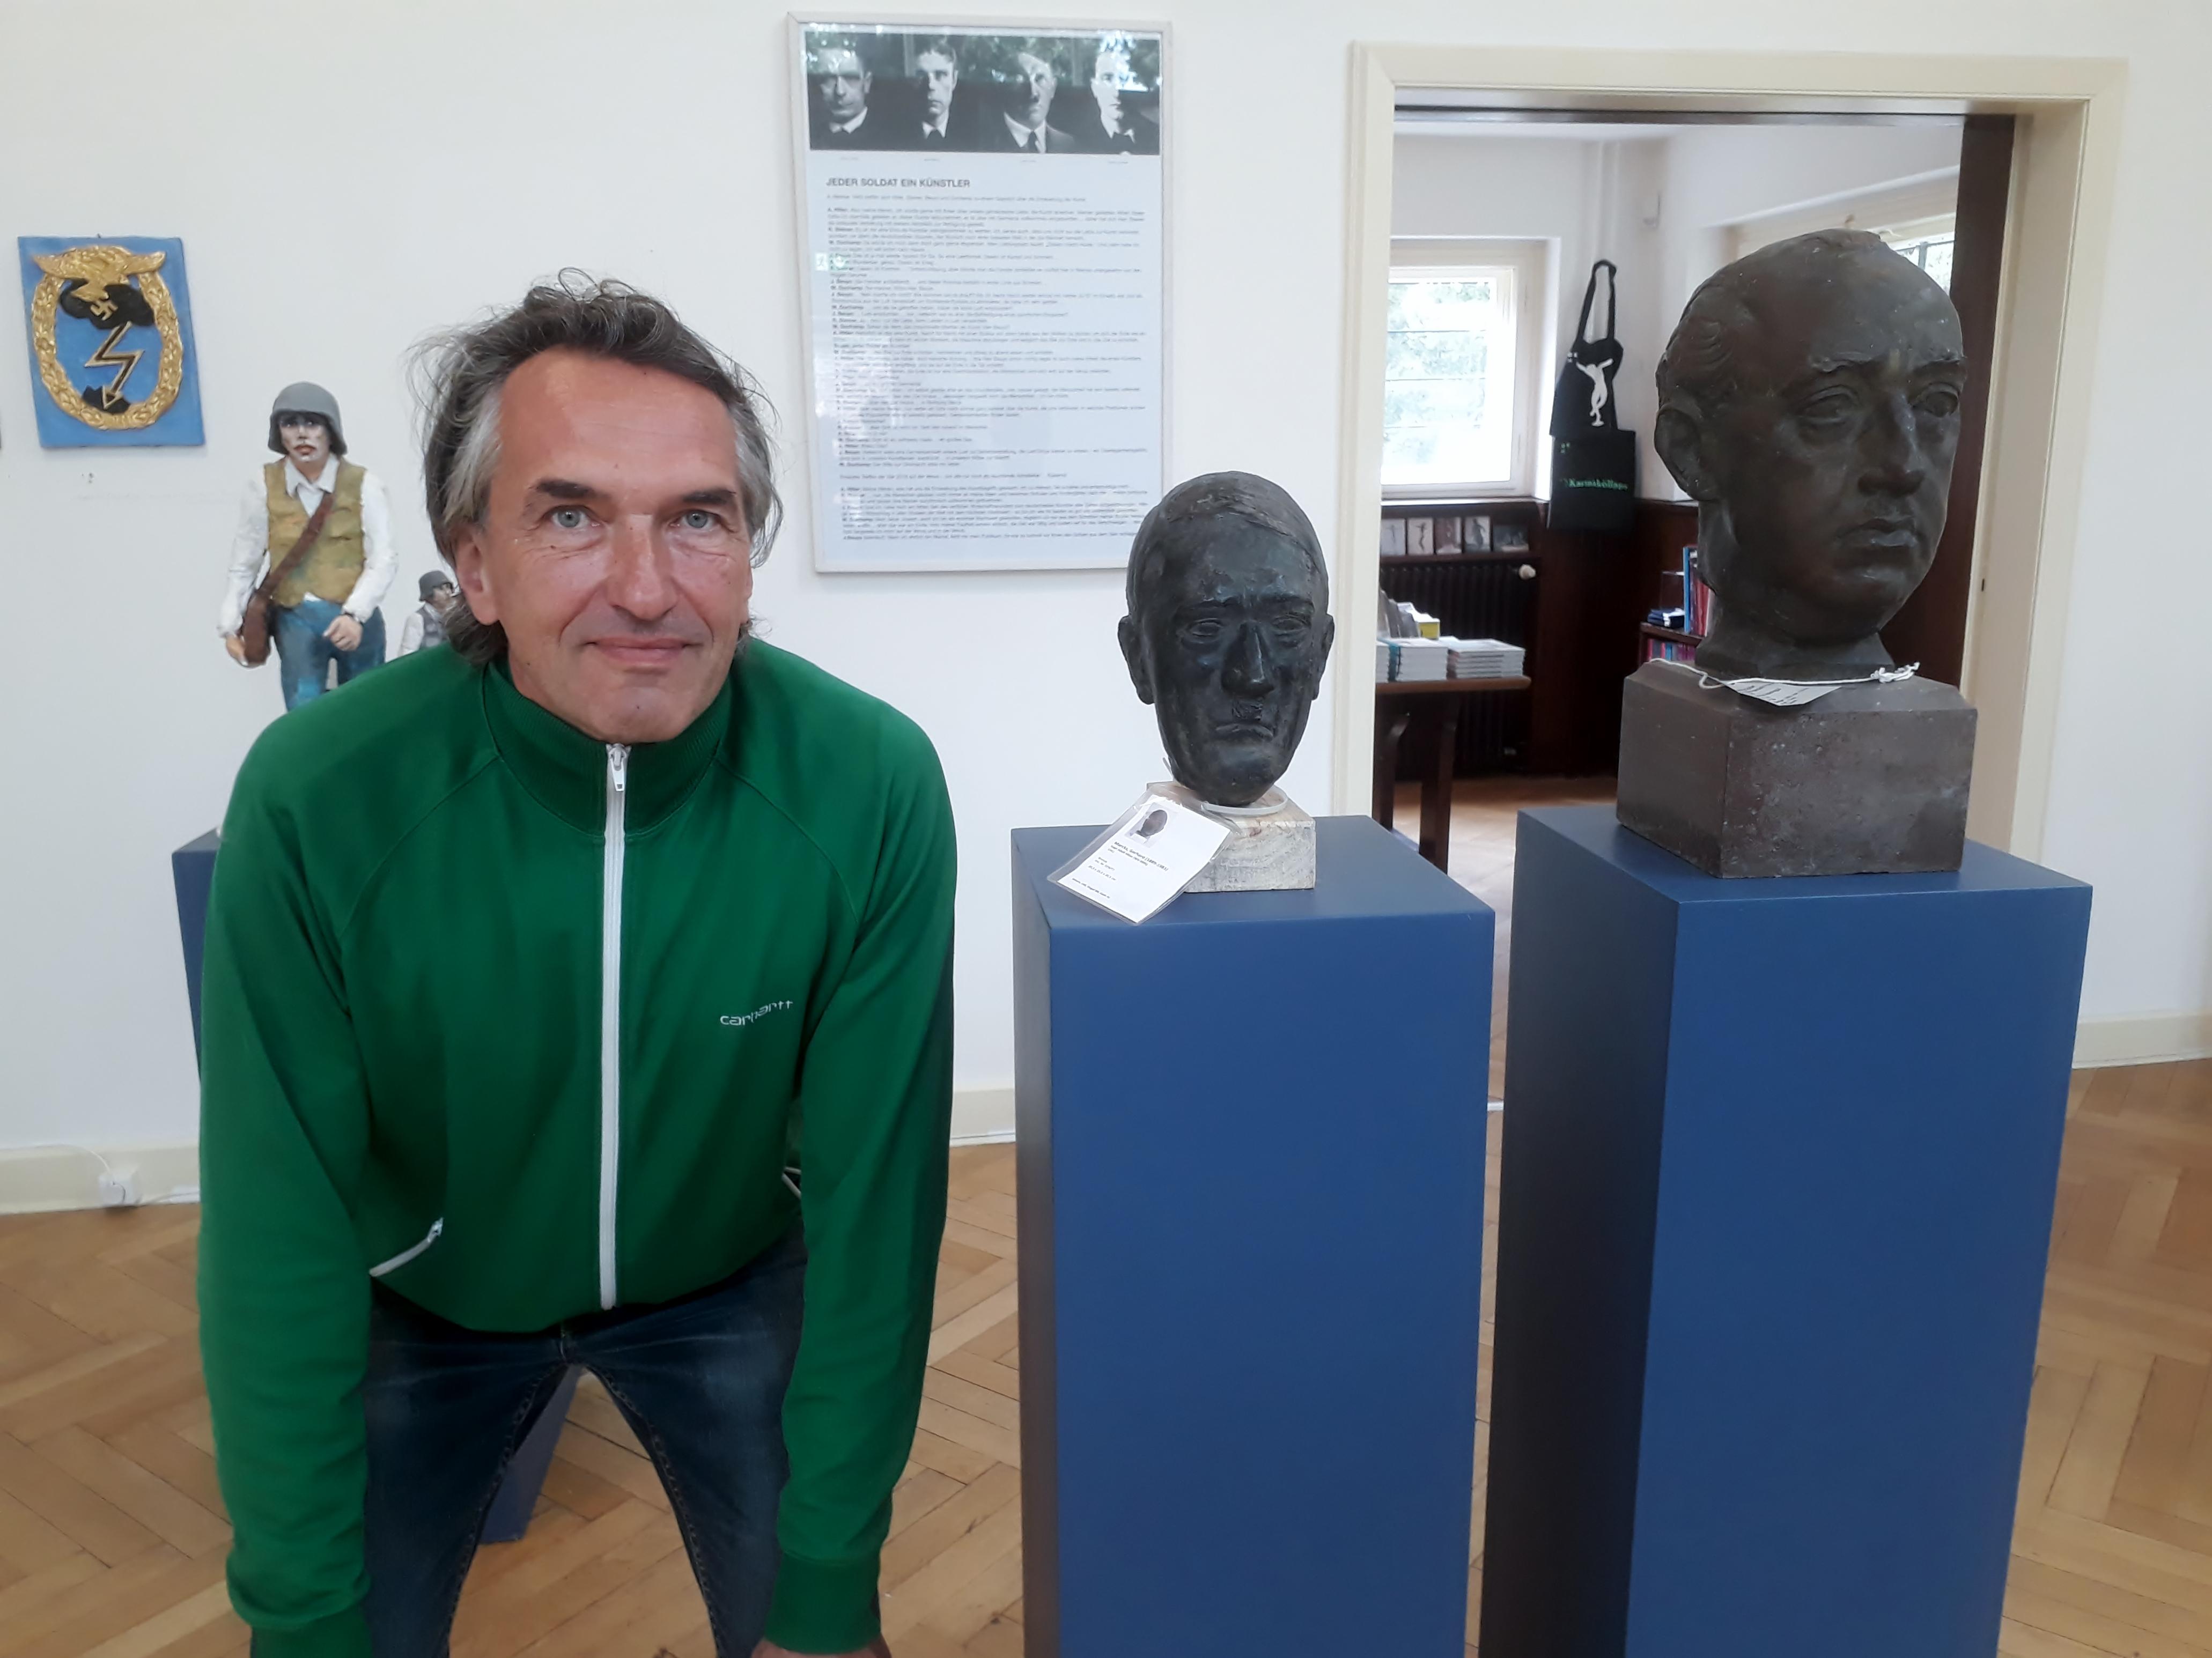 Volker März neben Hitler von Marcks und Franco von Kolbe. Foto © Urszula Usakowska-Wolff